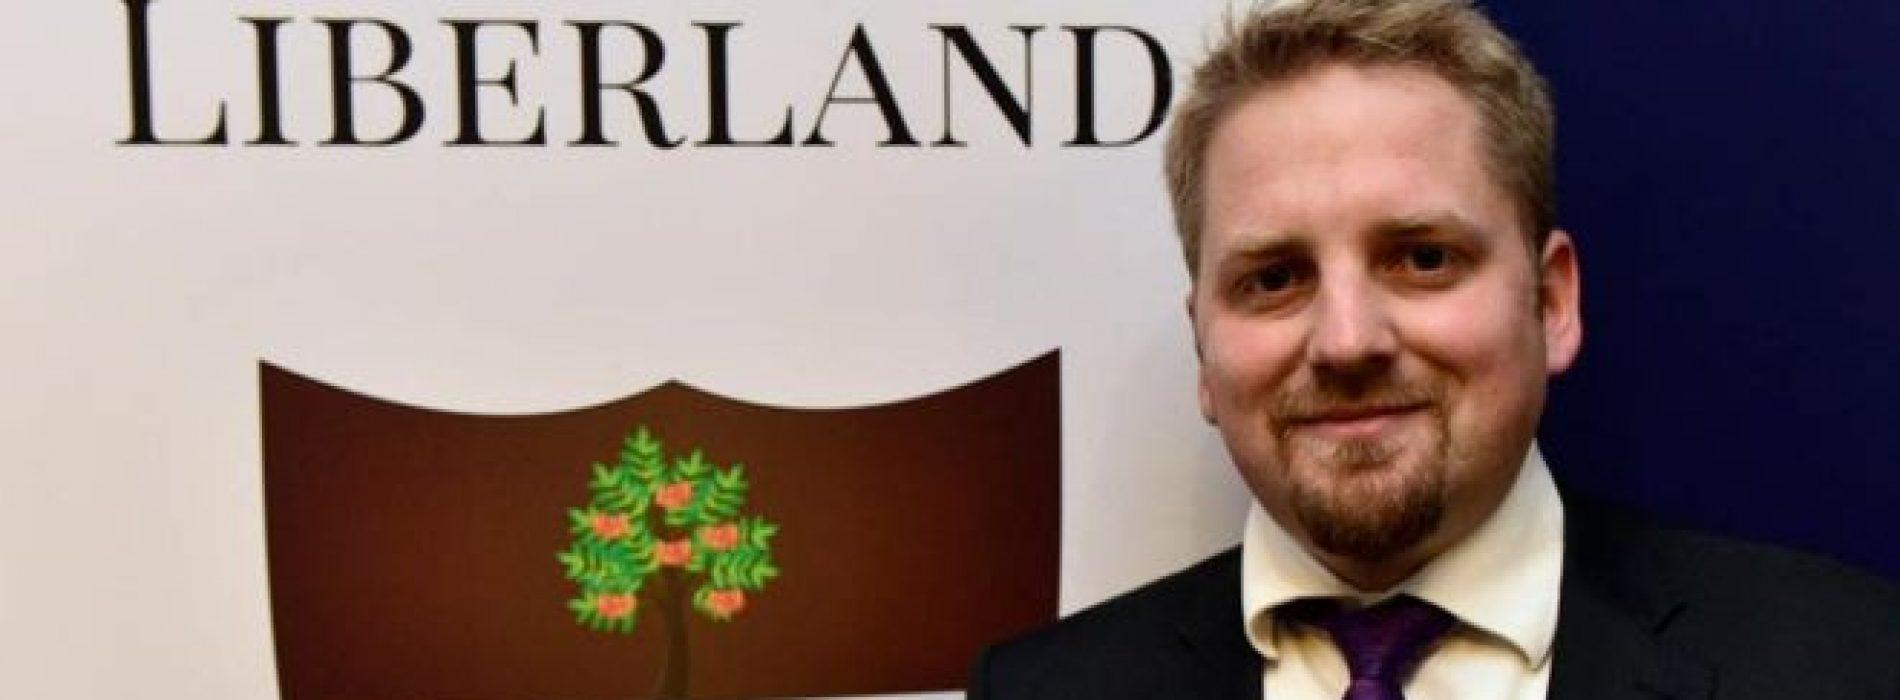 Liberland'ın Kurucusu Kendi Kurduğu Ülkeye Alınmadı